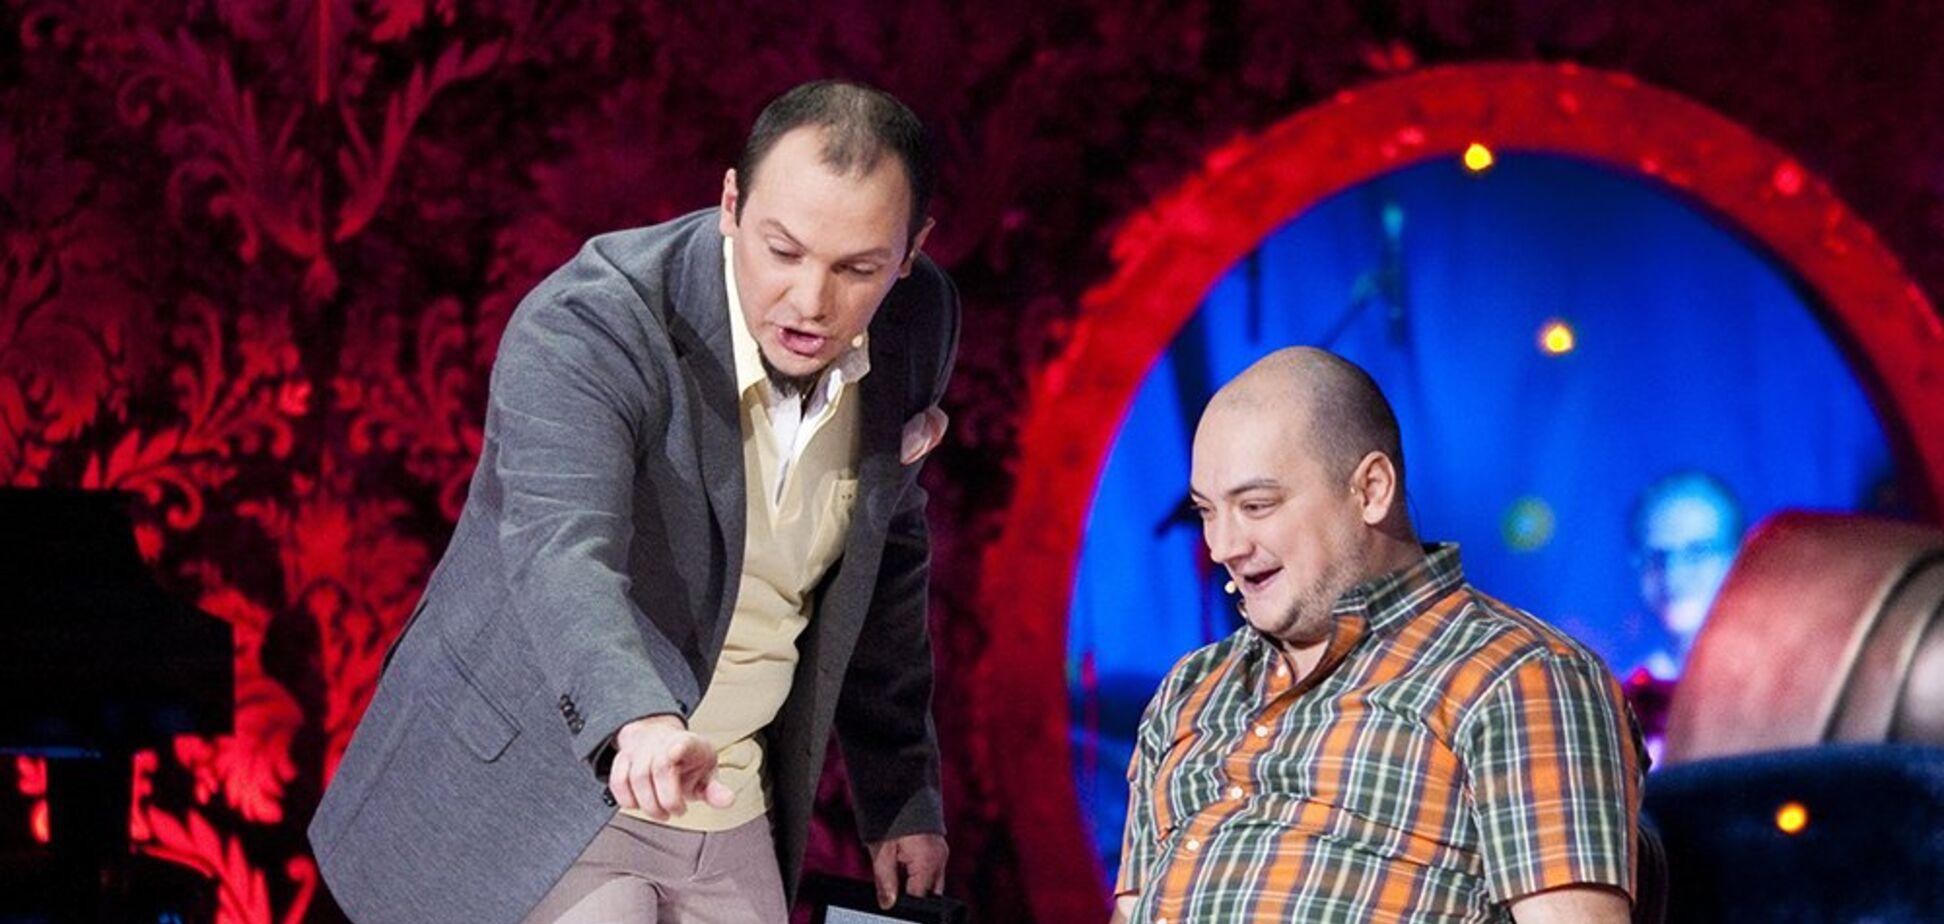 Незлобин, 'Сестры Зайцевы', Гавр и другие: куда исчезли звезды первого Comedy Club